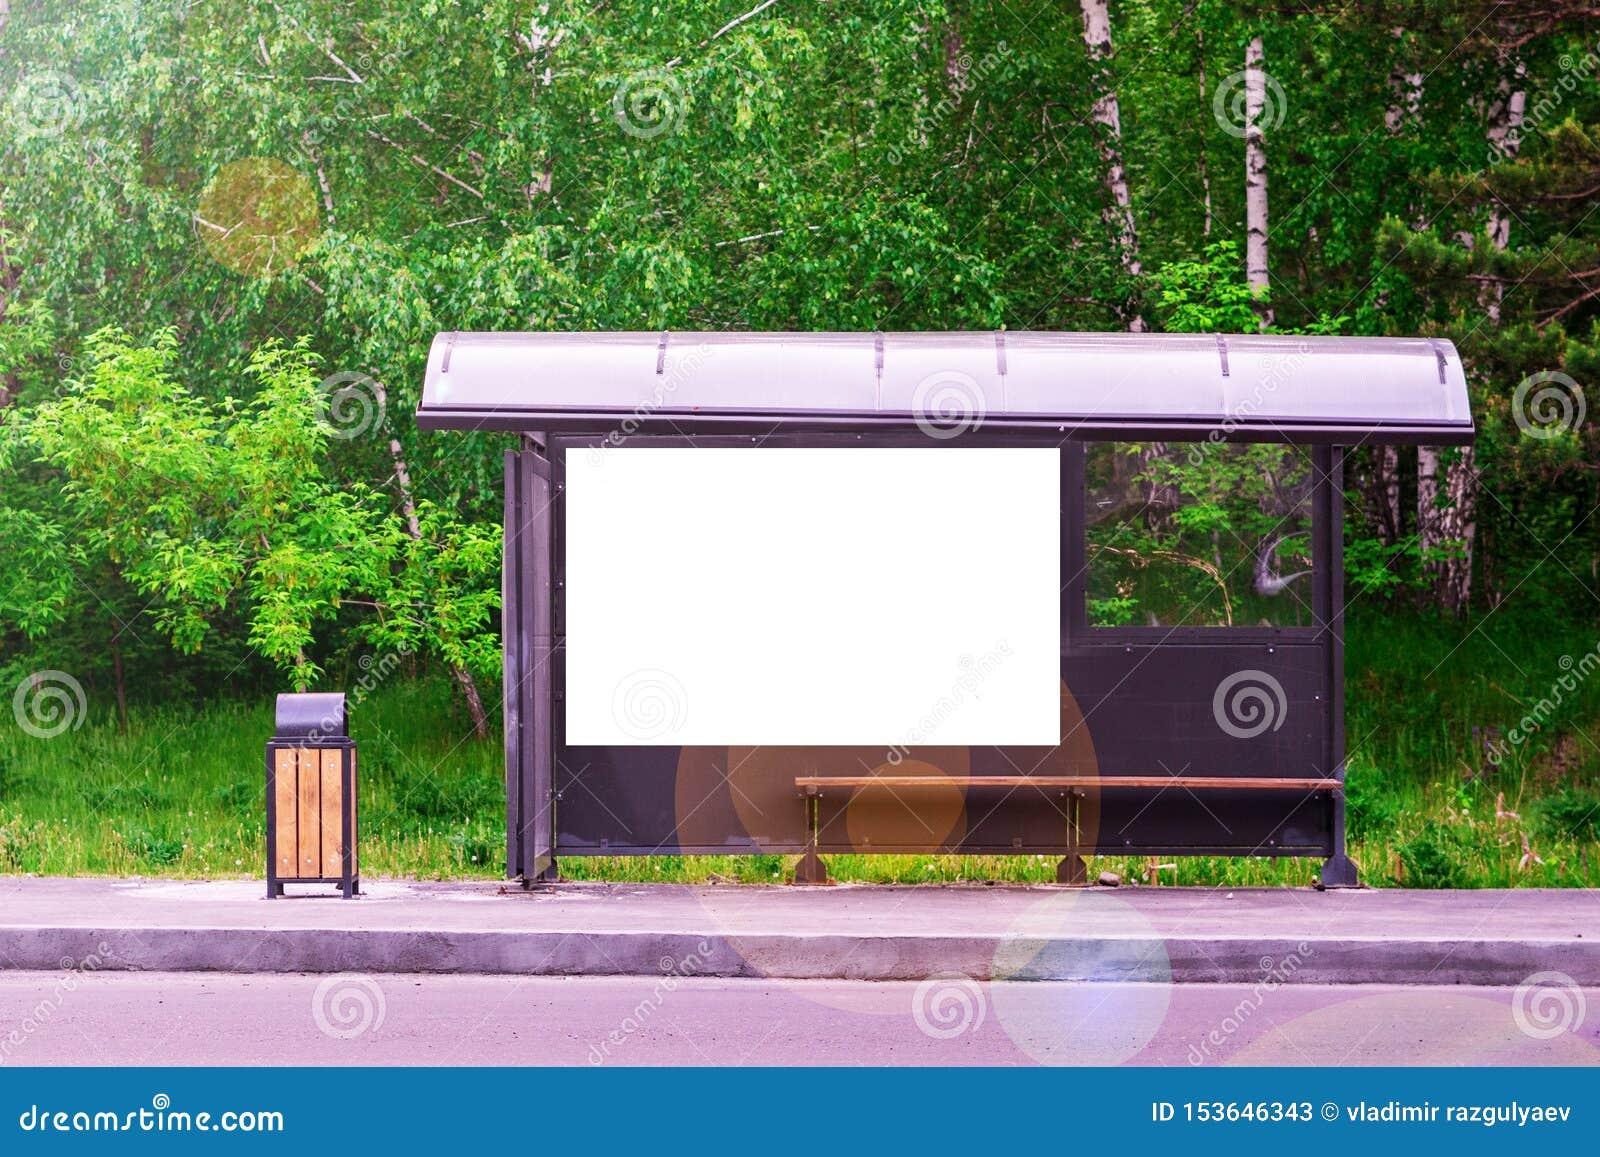 Hållplats nära vägen i bakgrunden för skoggräsplan Kopiera utrymme f?r text